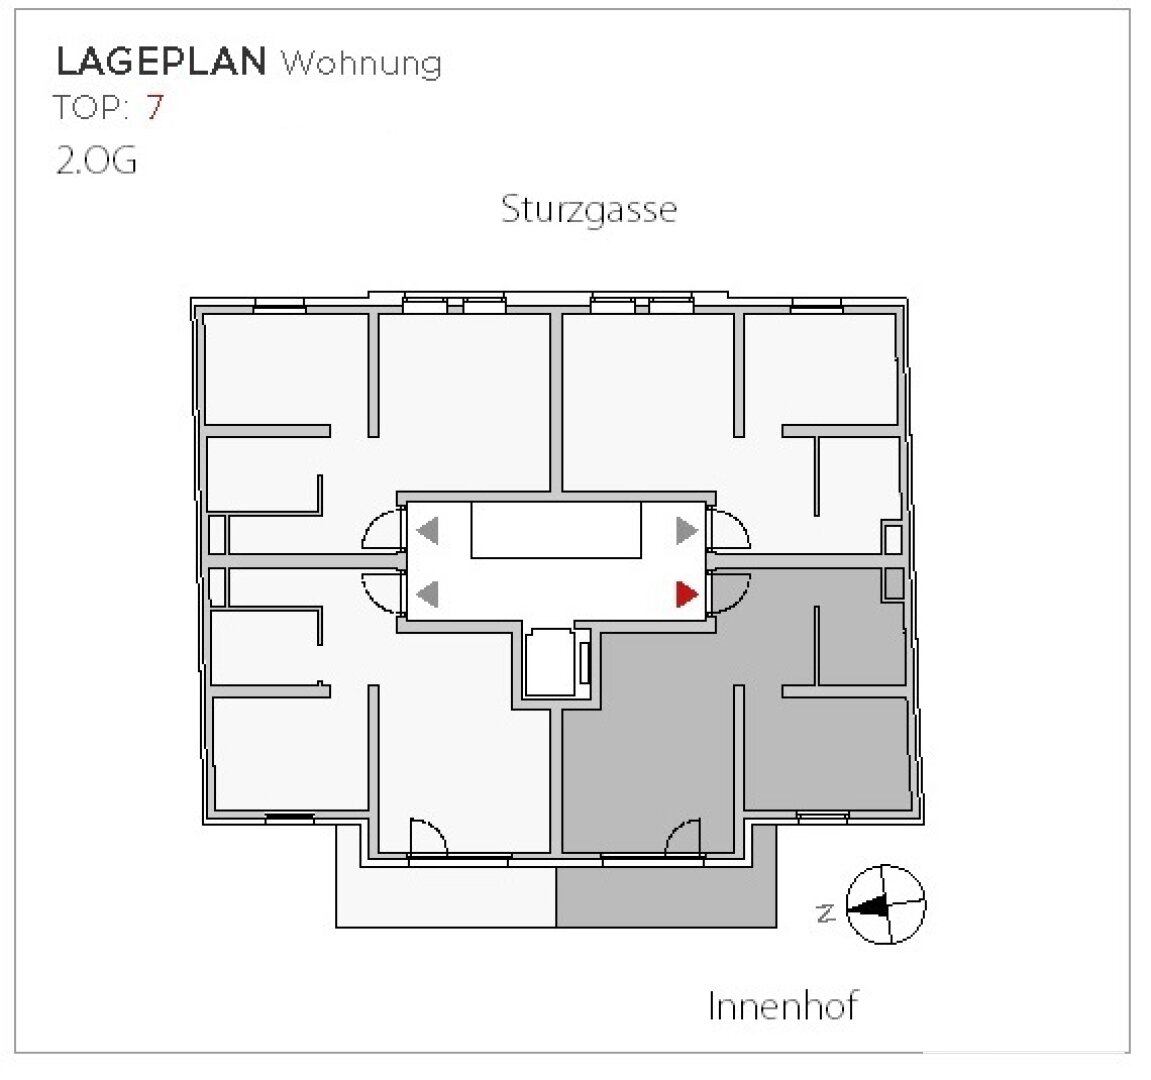 Lage der Wohnung im Haus